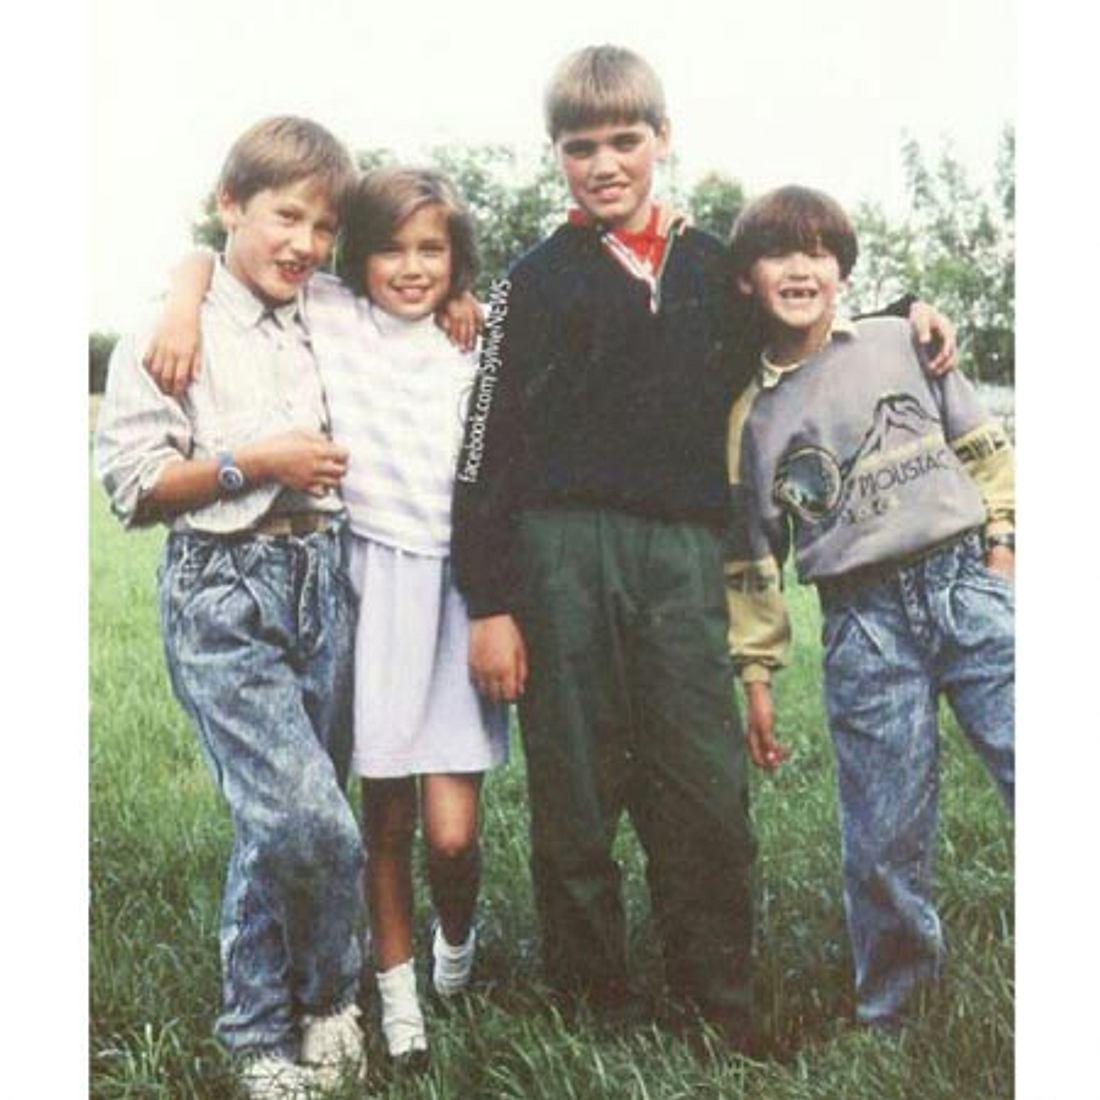 Sylvie Meis mit ihrem Bruder und zwei Cousins